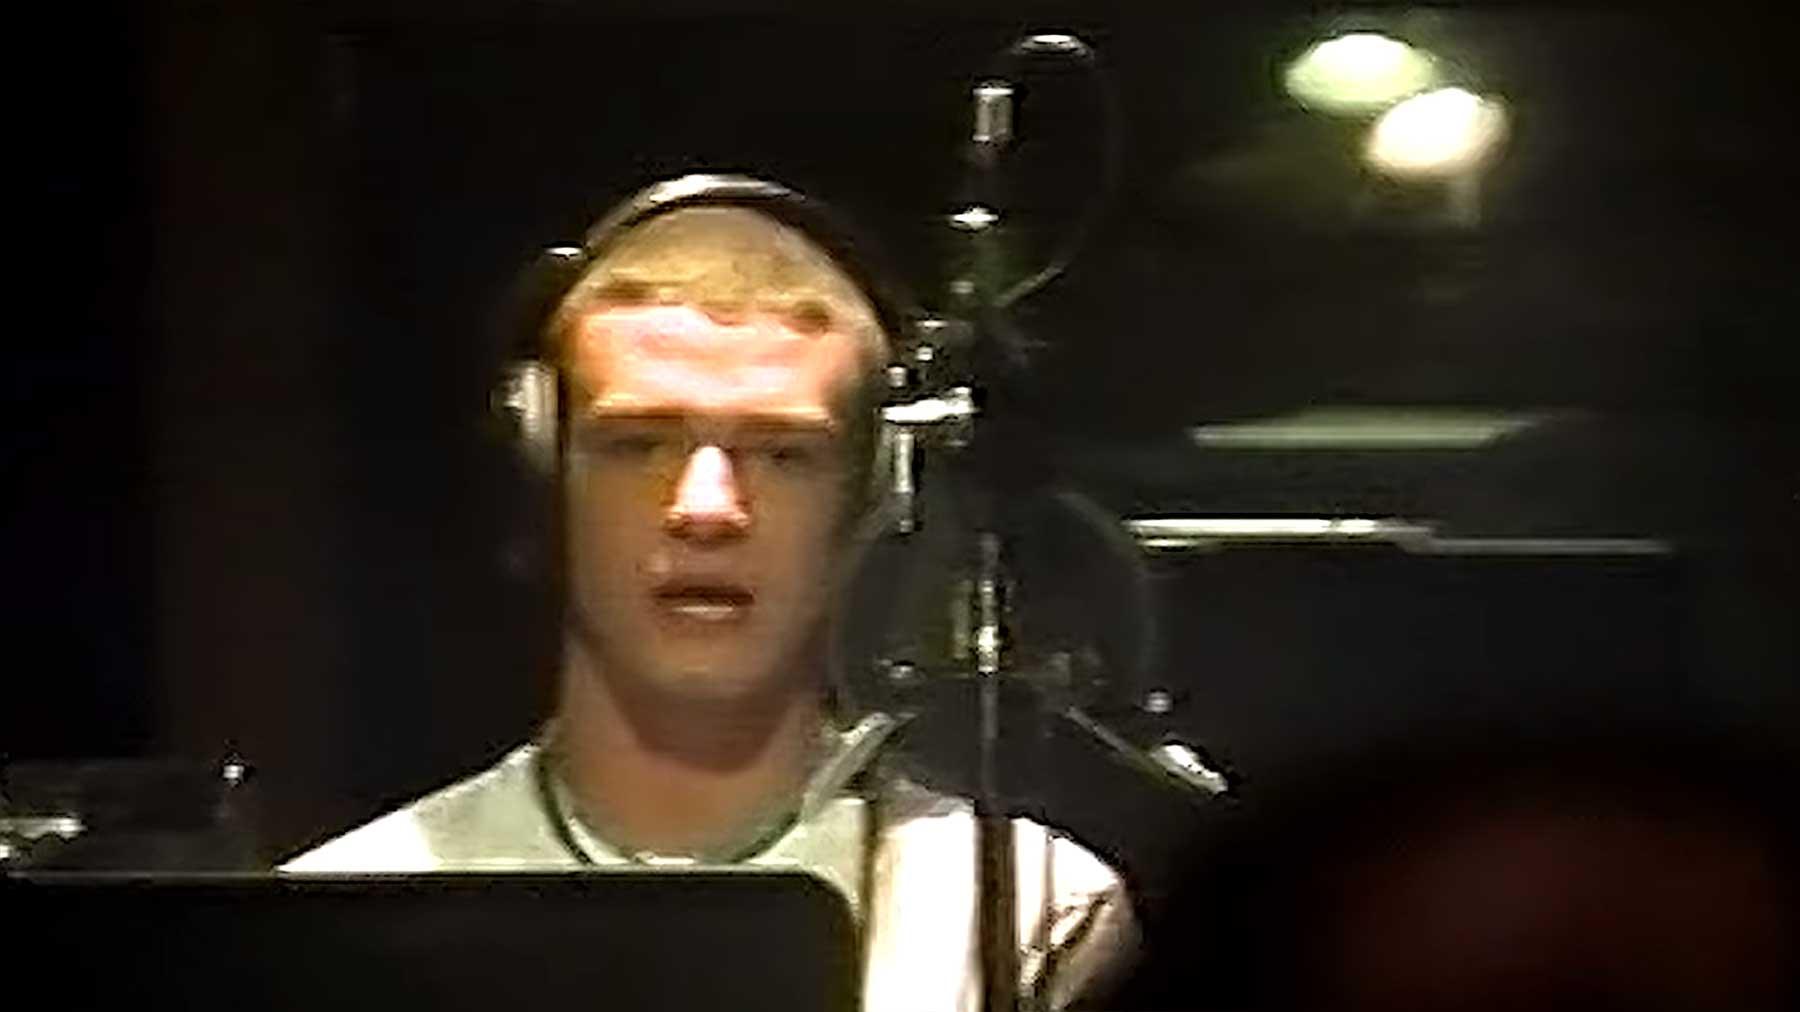 Dokumentation zur Aufnahme des ersten Solo-Albums von Justin Timberlake The-Making-of-JUSTIFIED-Dokumentation